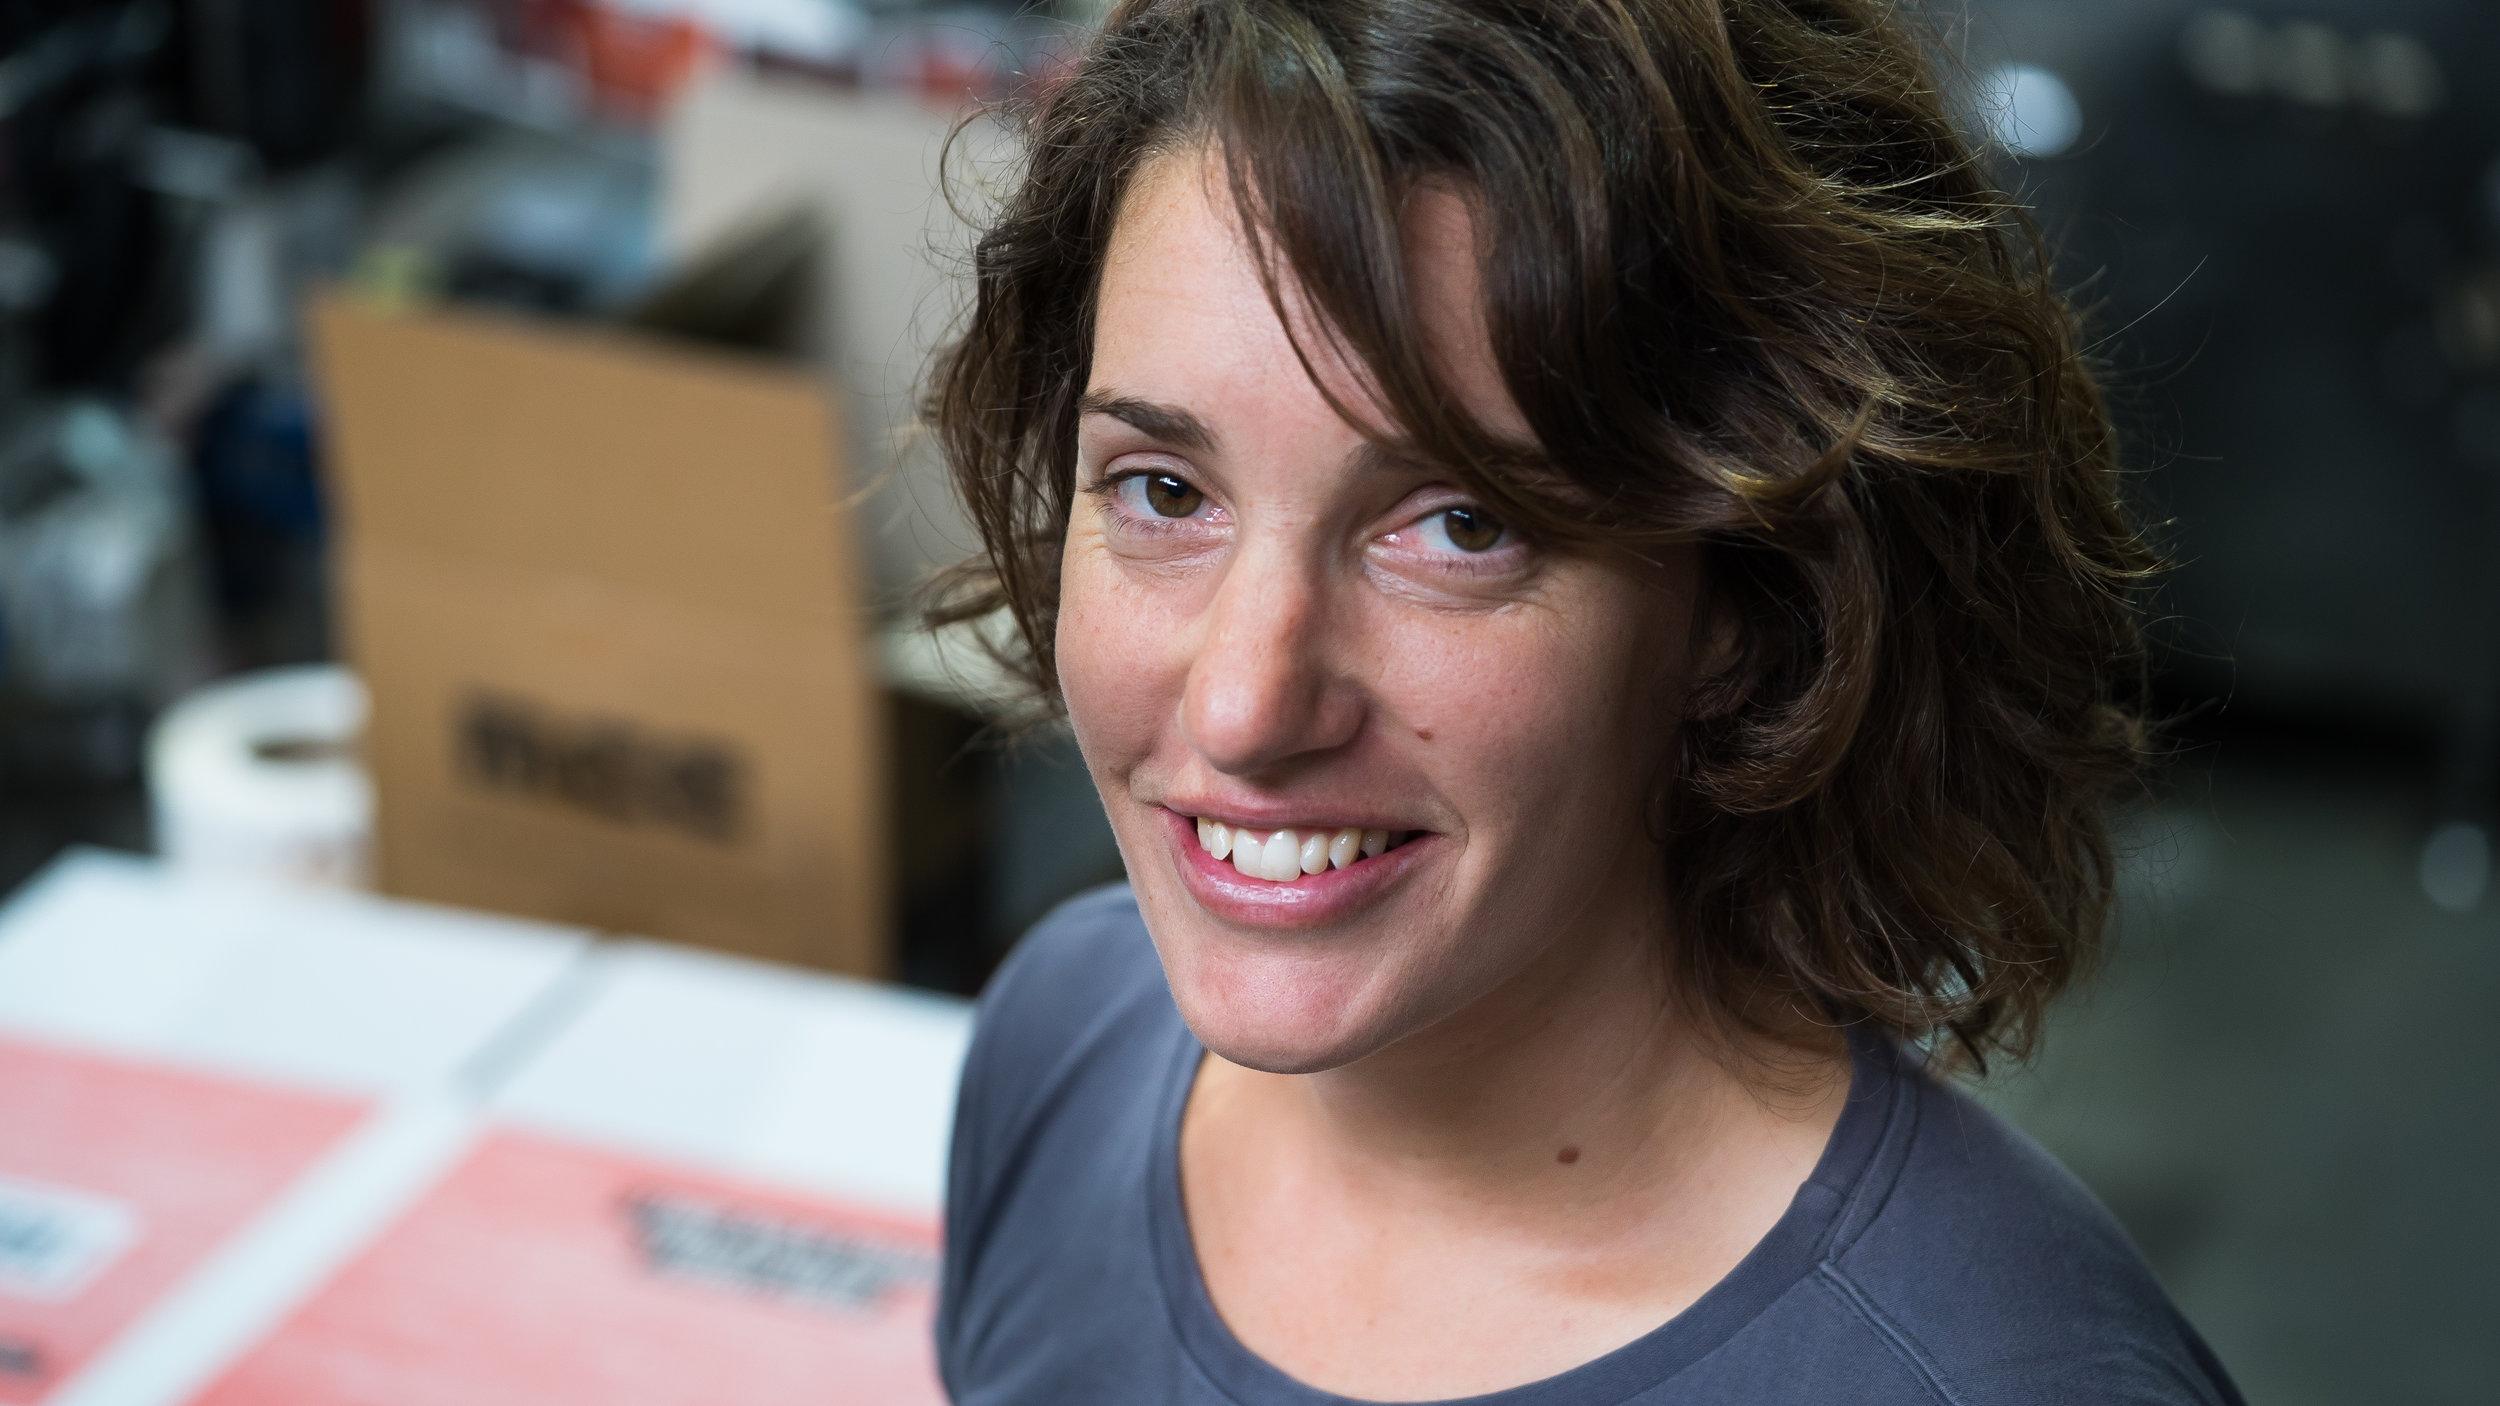 Jacqui Anderson photo by Lara van Raay (6 of 32).jpg